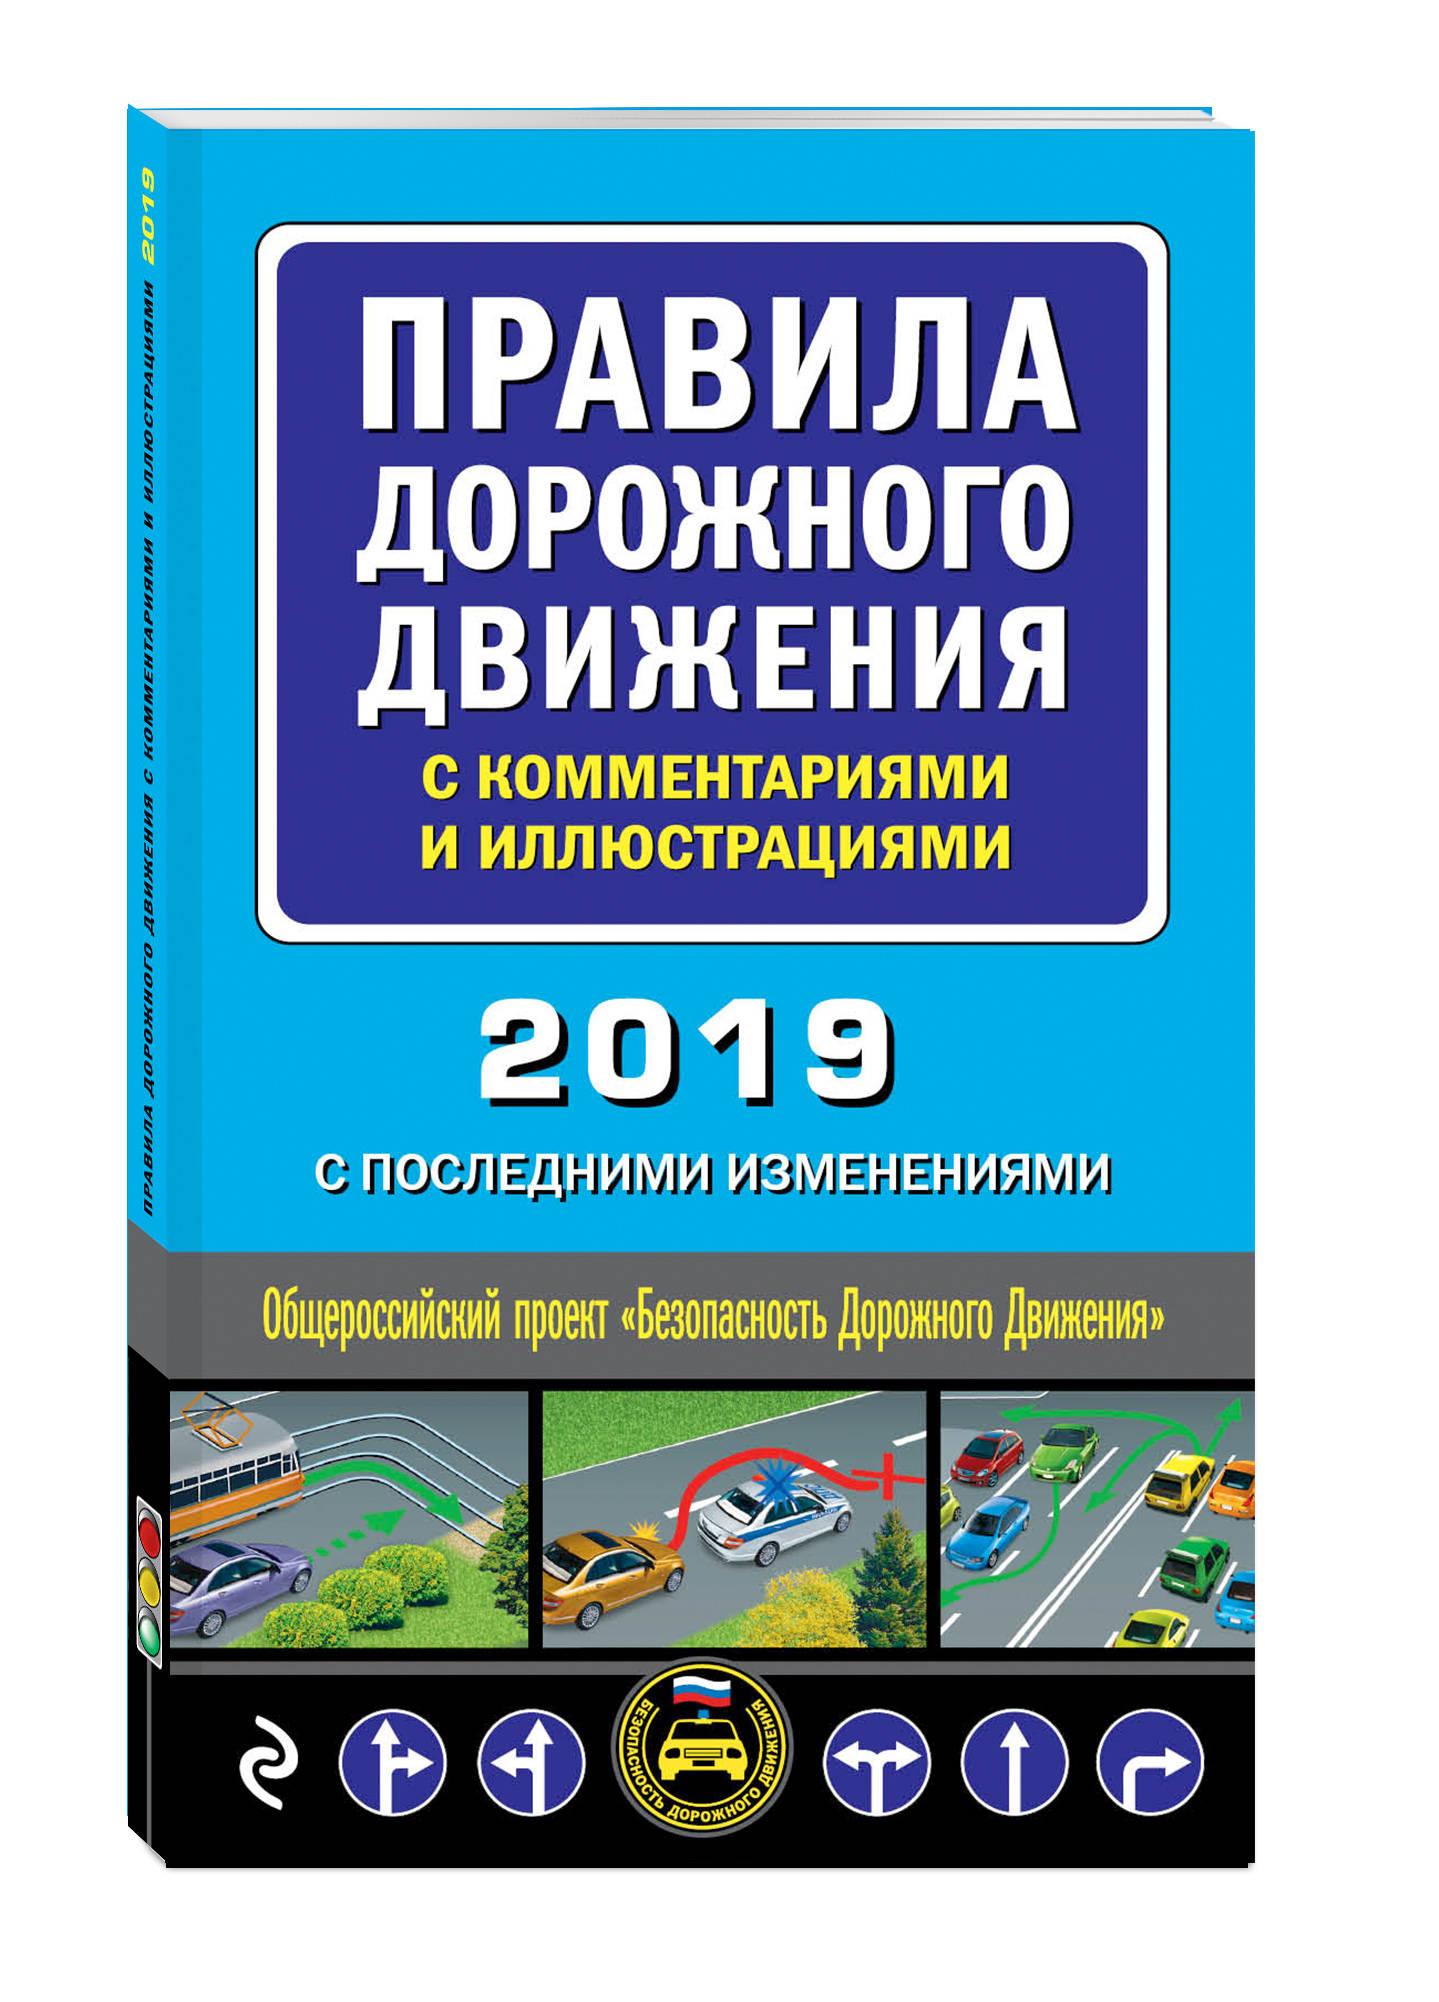 Правила дорожного движения с комментариями и иллюстрациями (с последними изменениями на 2019 год) семенов и учебник по устройству легкового автомобиля с цветными иллюстрациями